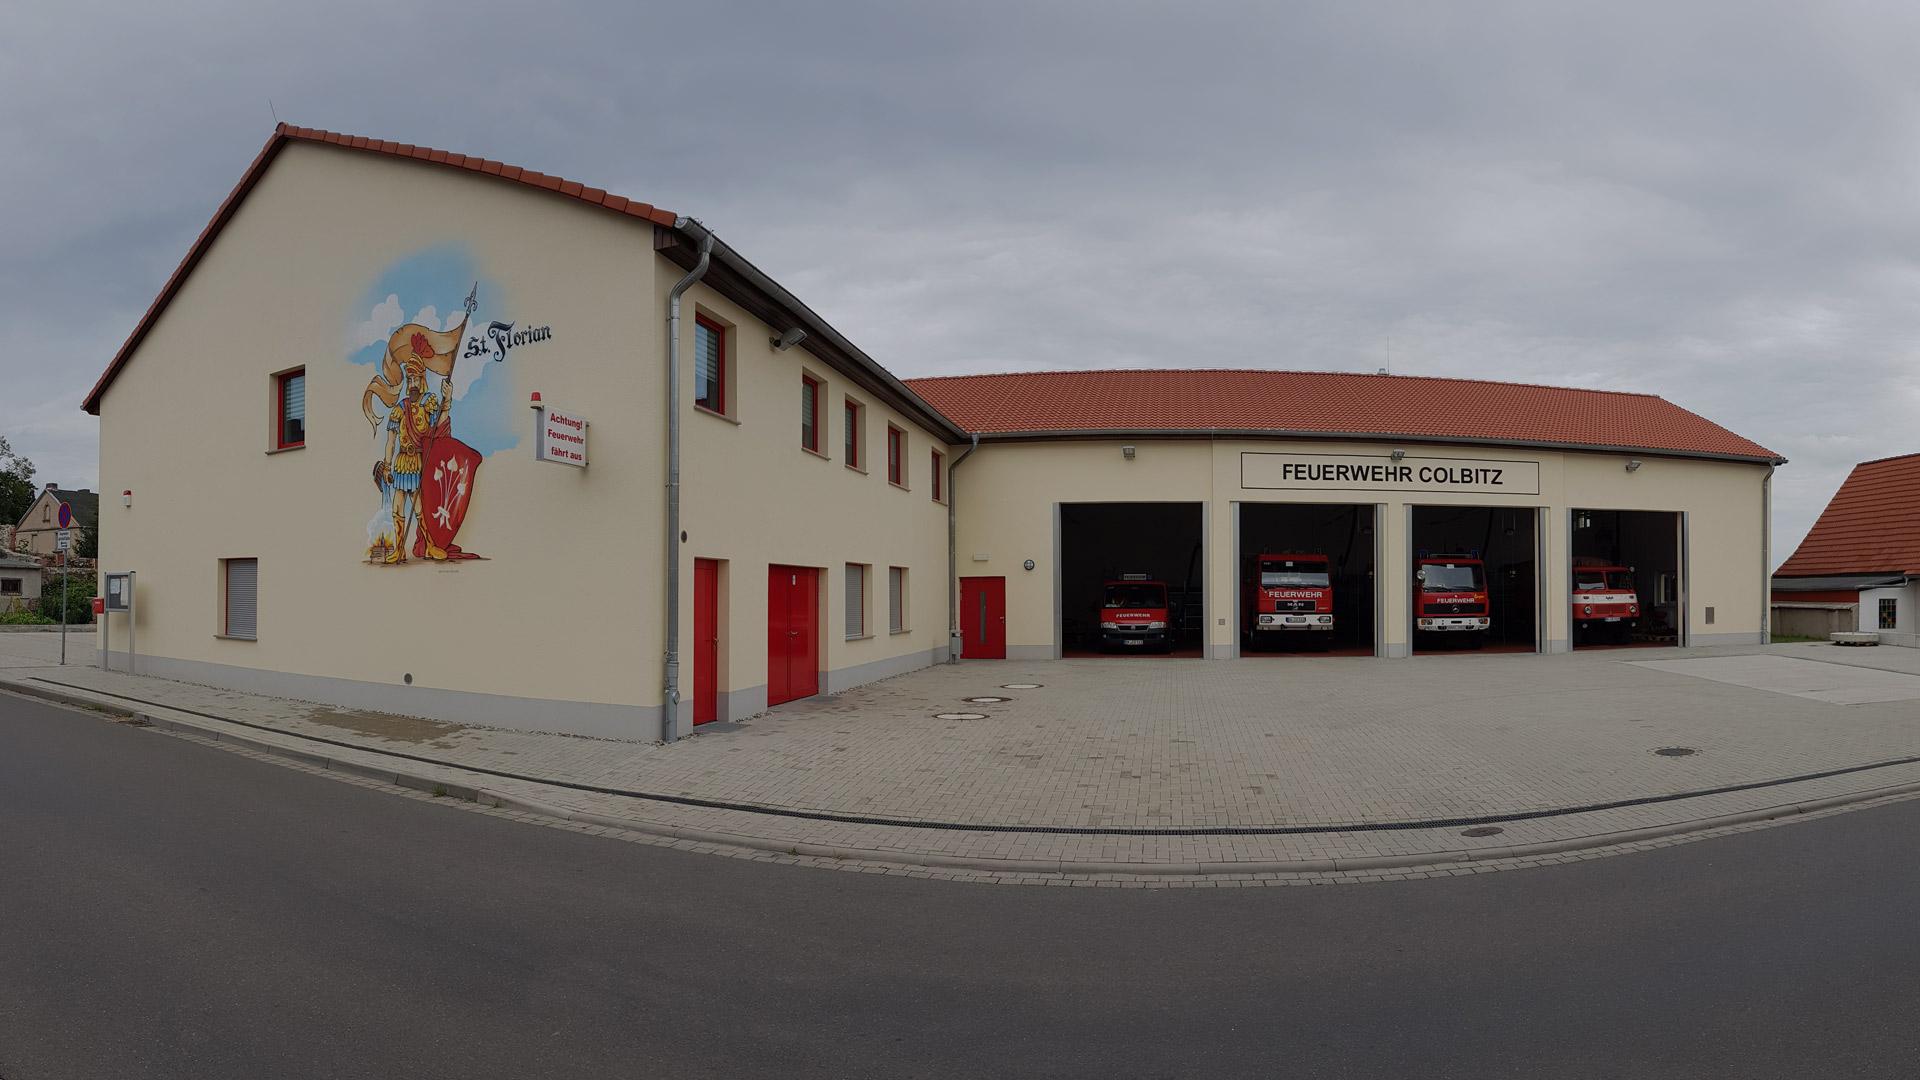 Bild vom Gerätehaus der Feuerwehr